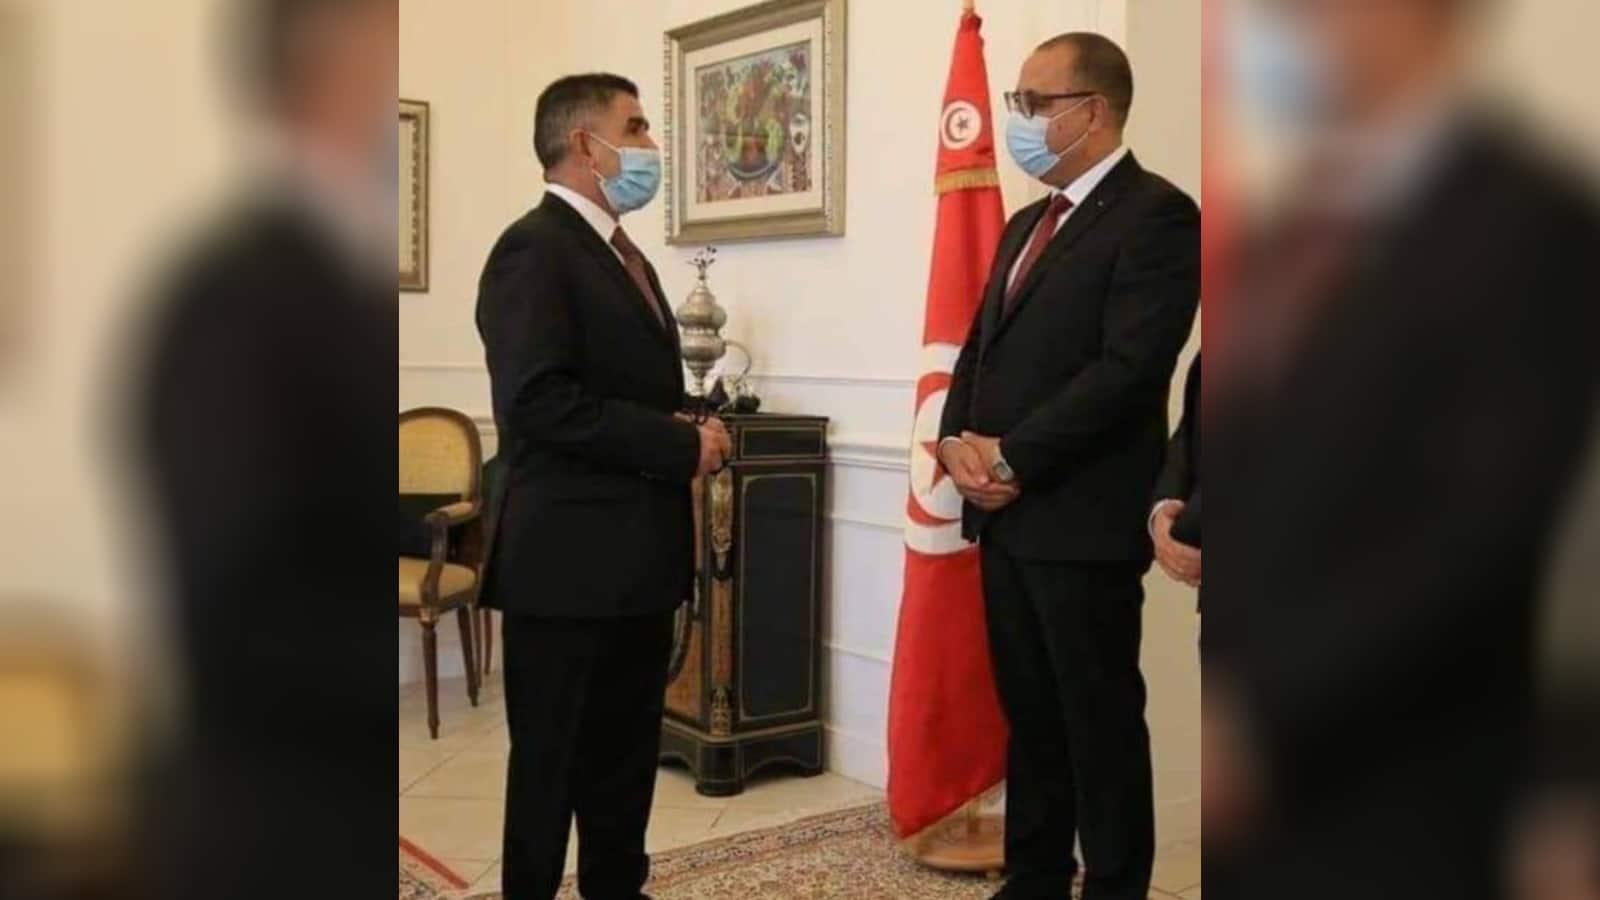 لزهر لونغو الرجل الغامض.. ما هو موقف المخابرات التونسية من انقلاب قيس سعيد؟